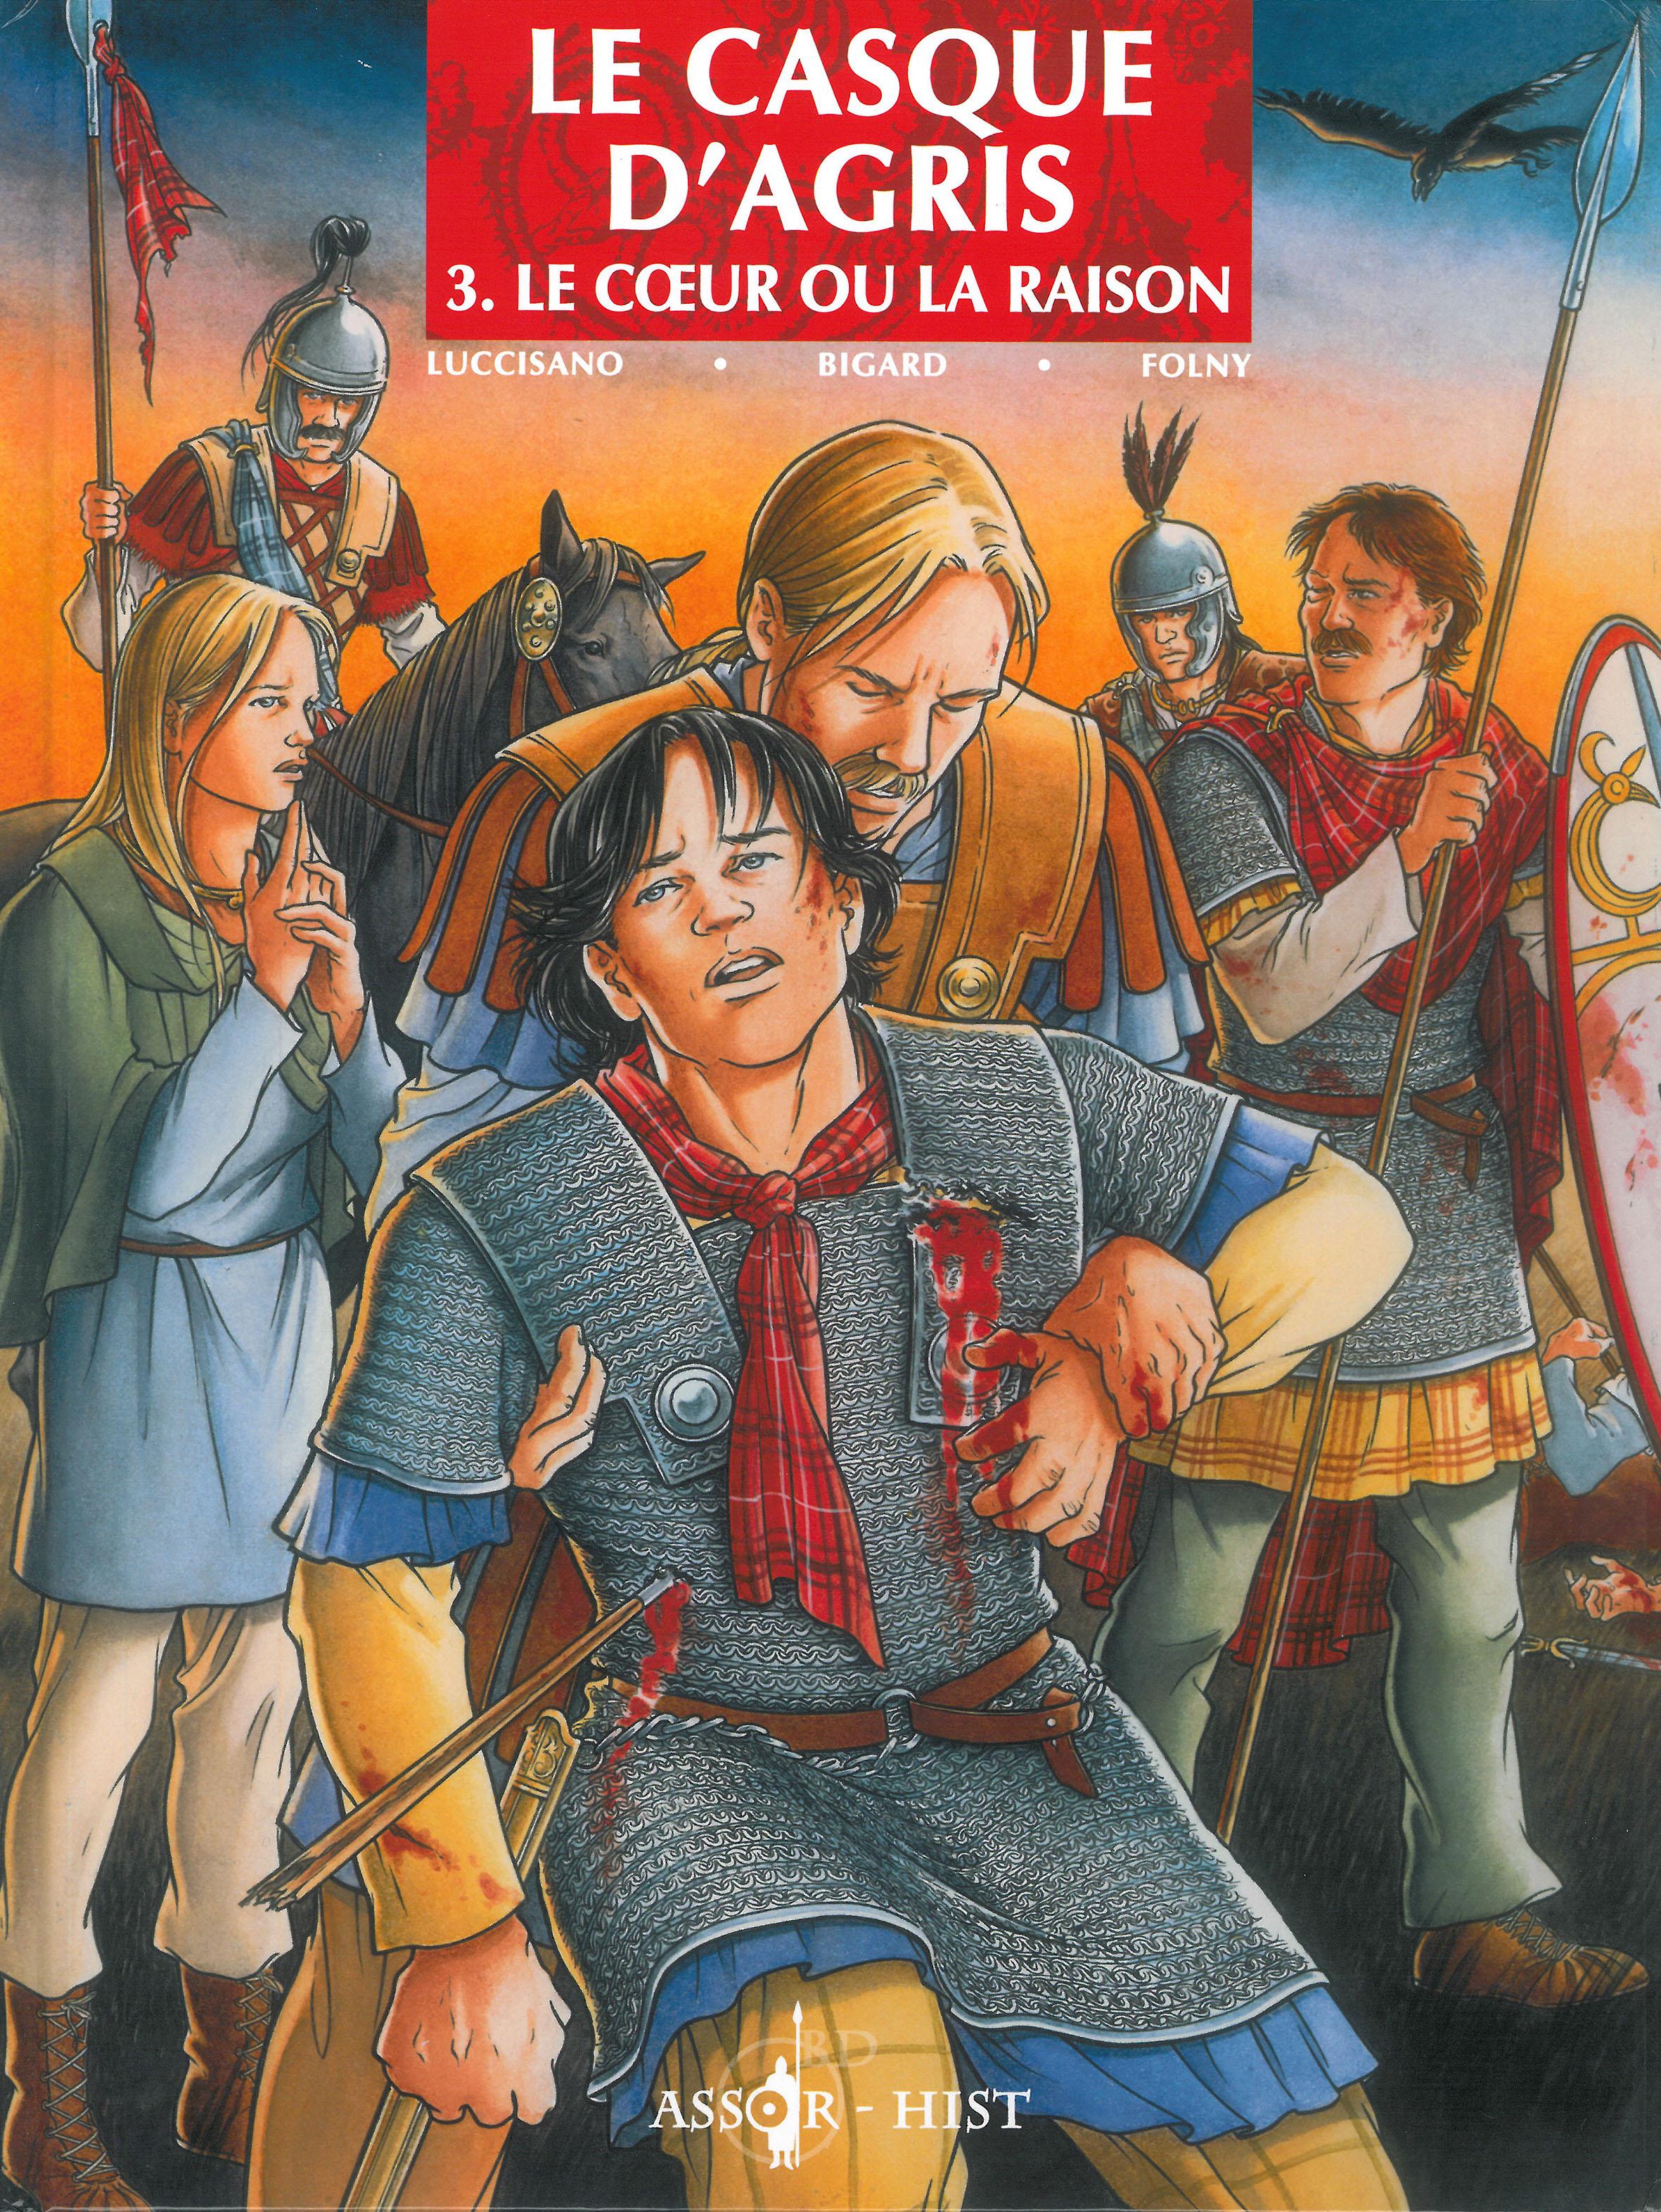 Le Casque d'Agris – 3. Le cœur ou la raison (BD)